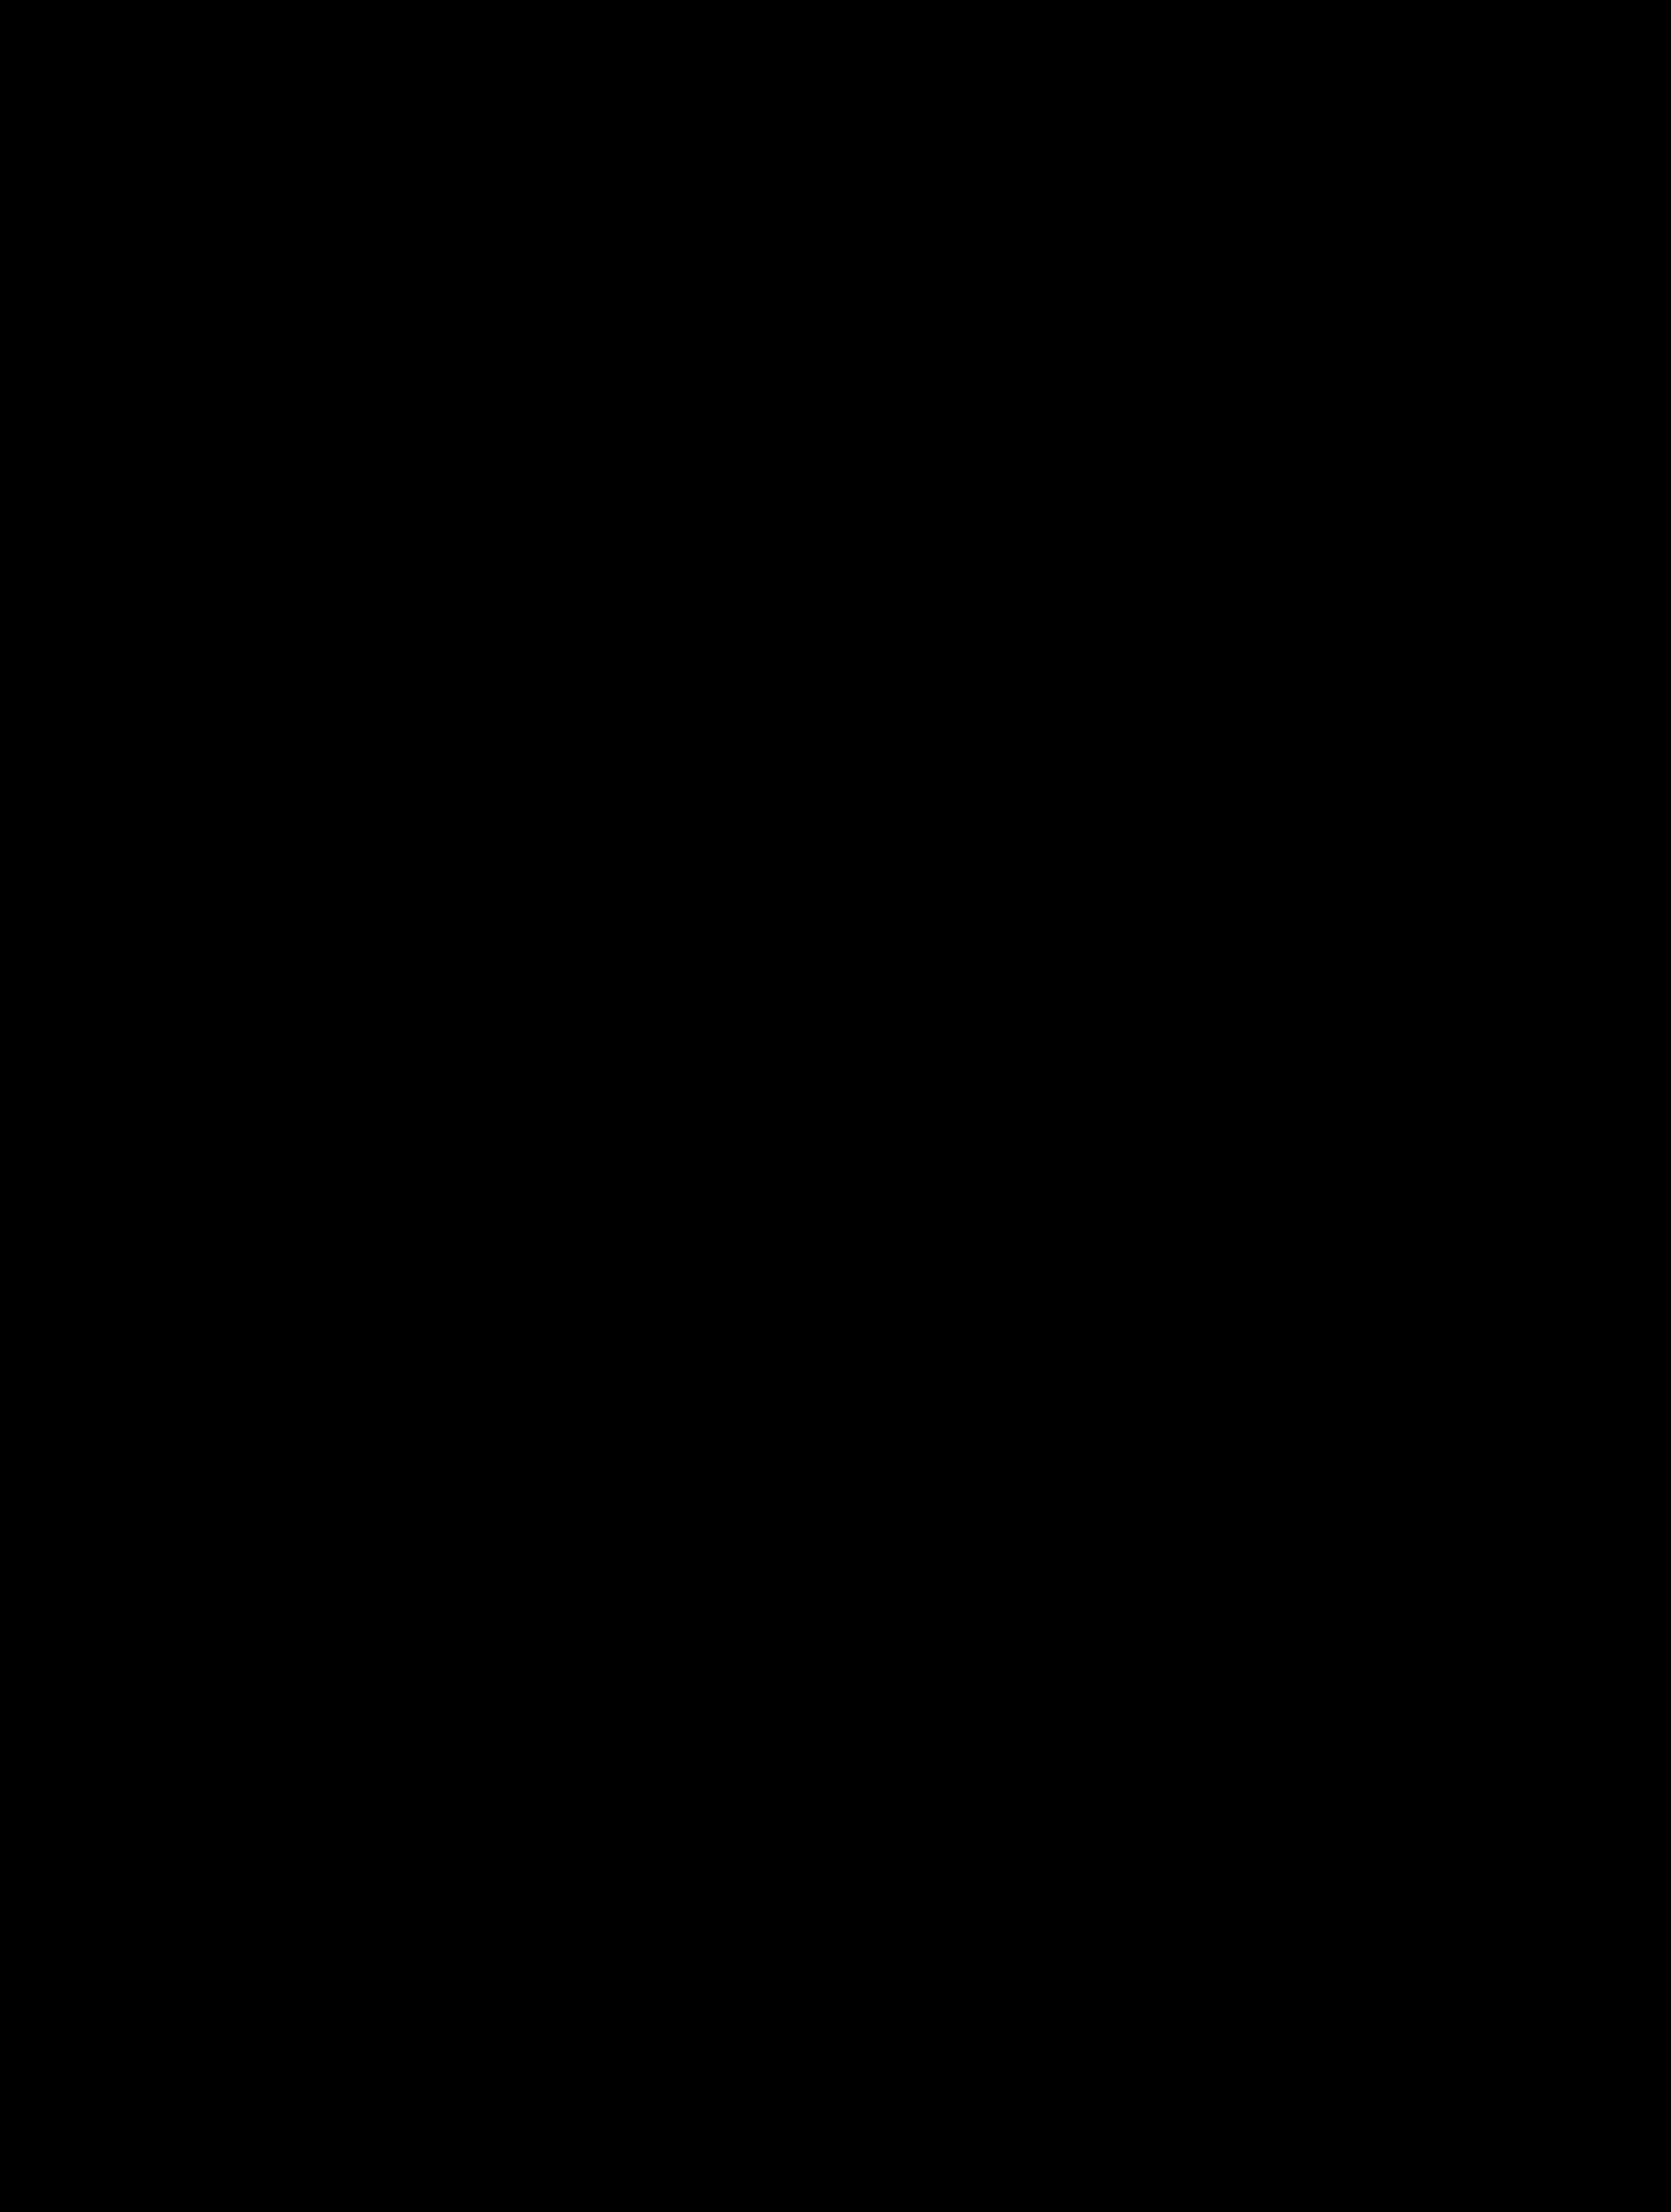 Text Border Vector